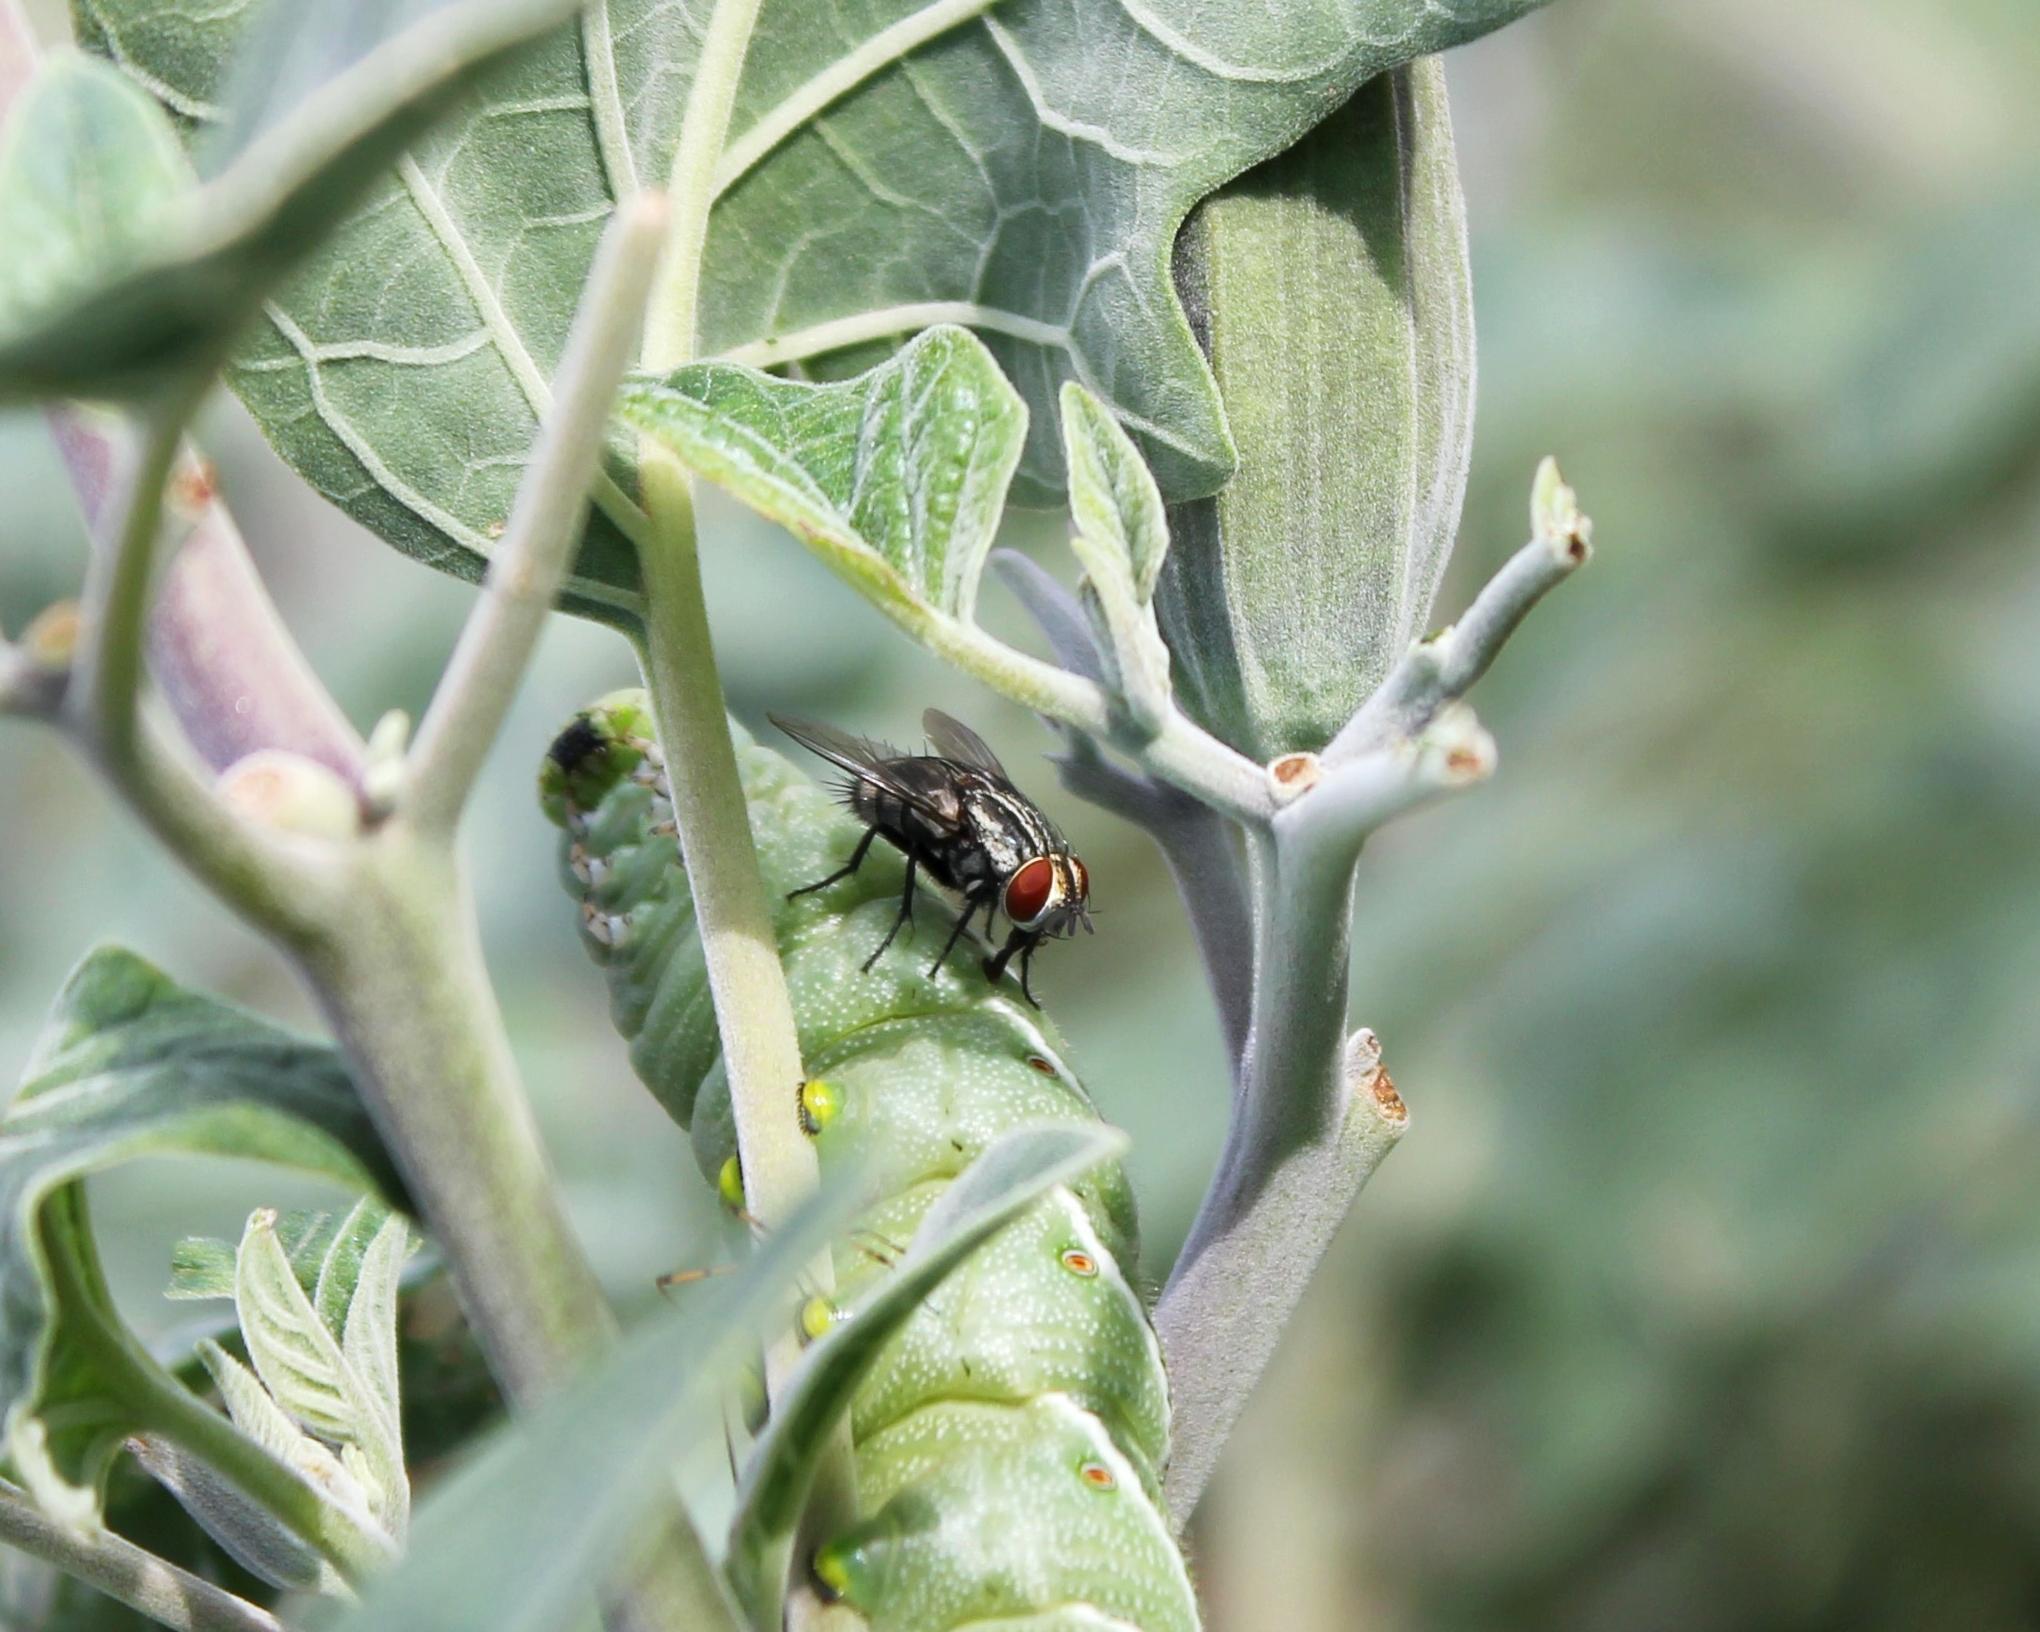 A female  Drino rhoeo  parasitoid assessing a  Manduca sexta  caterpillar host.